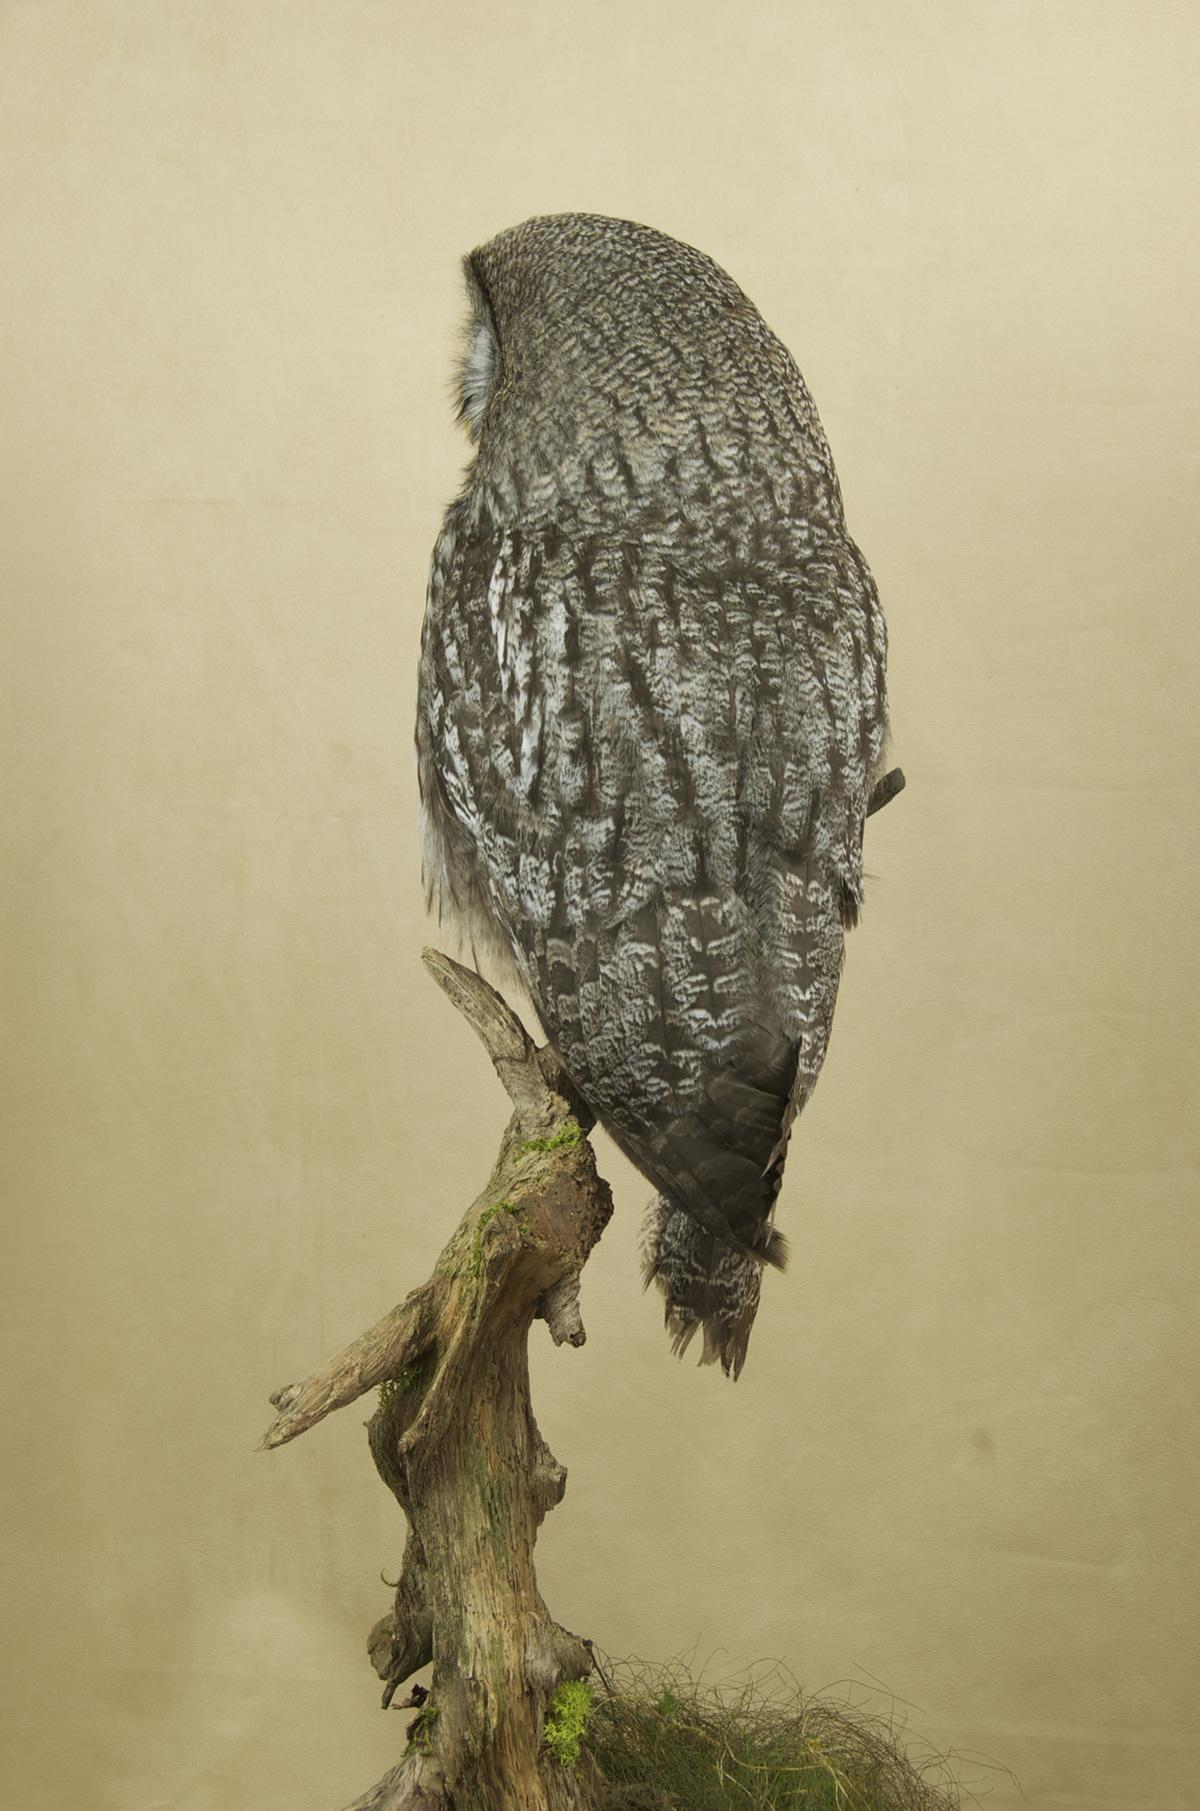 Taxidermy Great Grey Owl - Strix nebulosa back